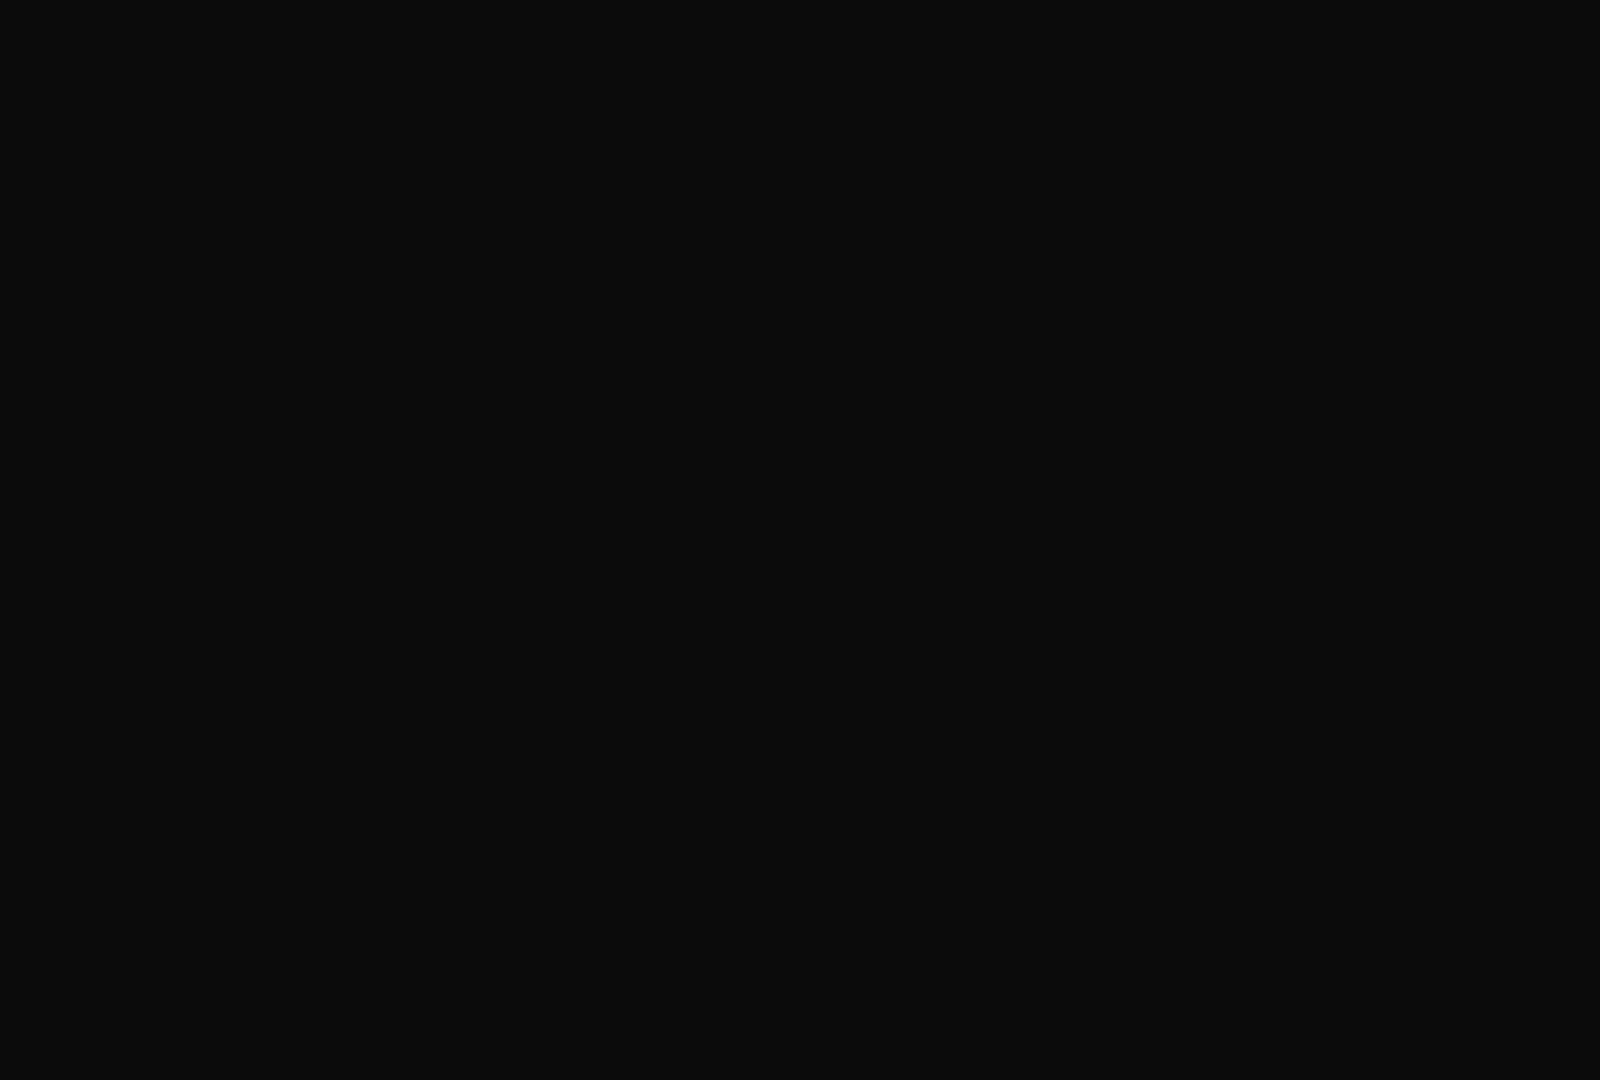 充血監督の深夜の運動会Vol.99 アナル 盗み撮り動画キャプチャ 75PIX 43